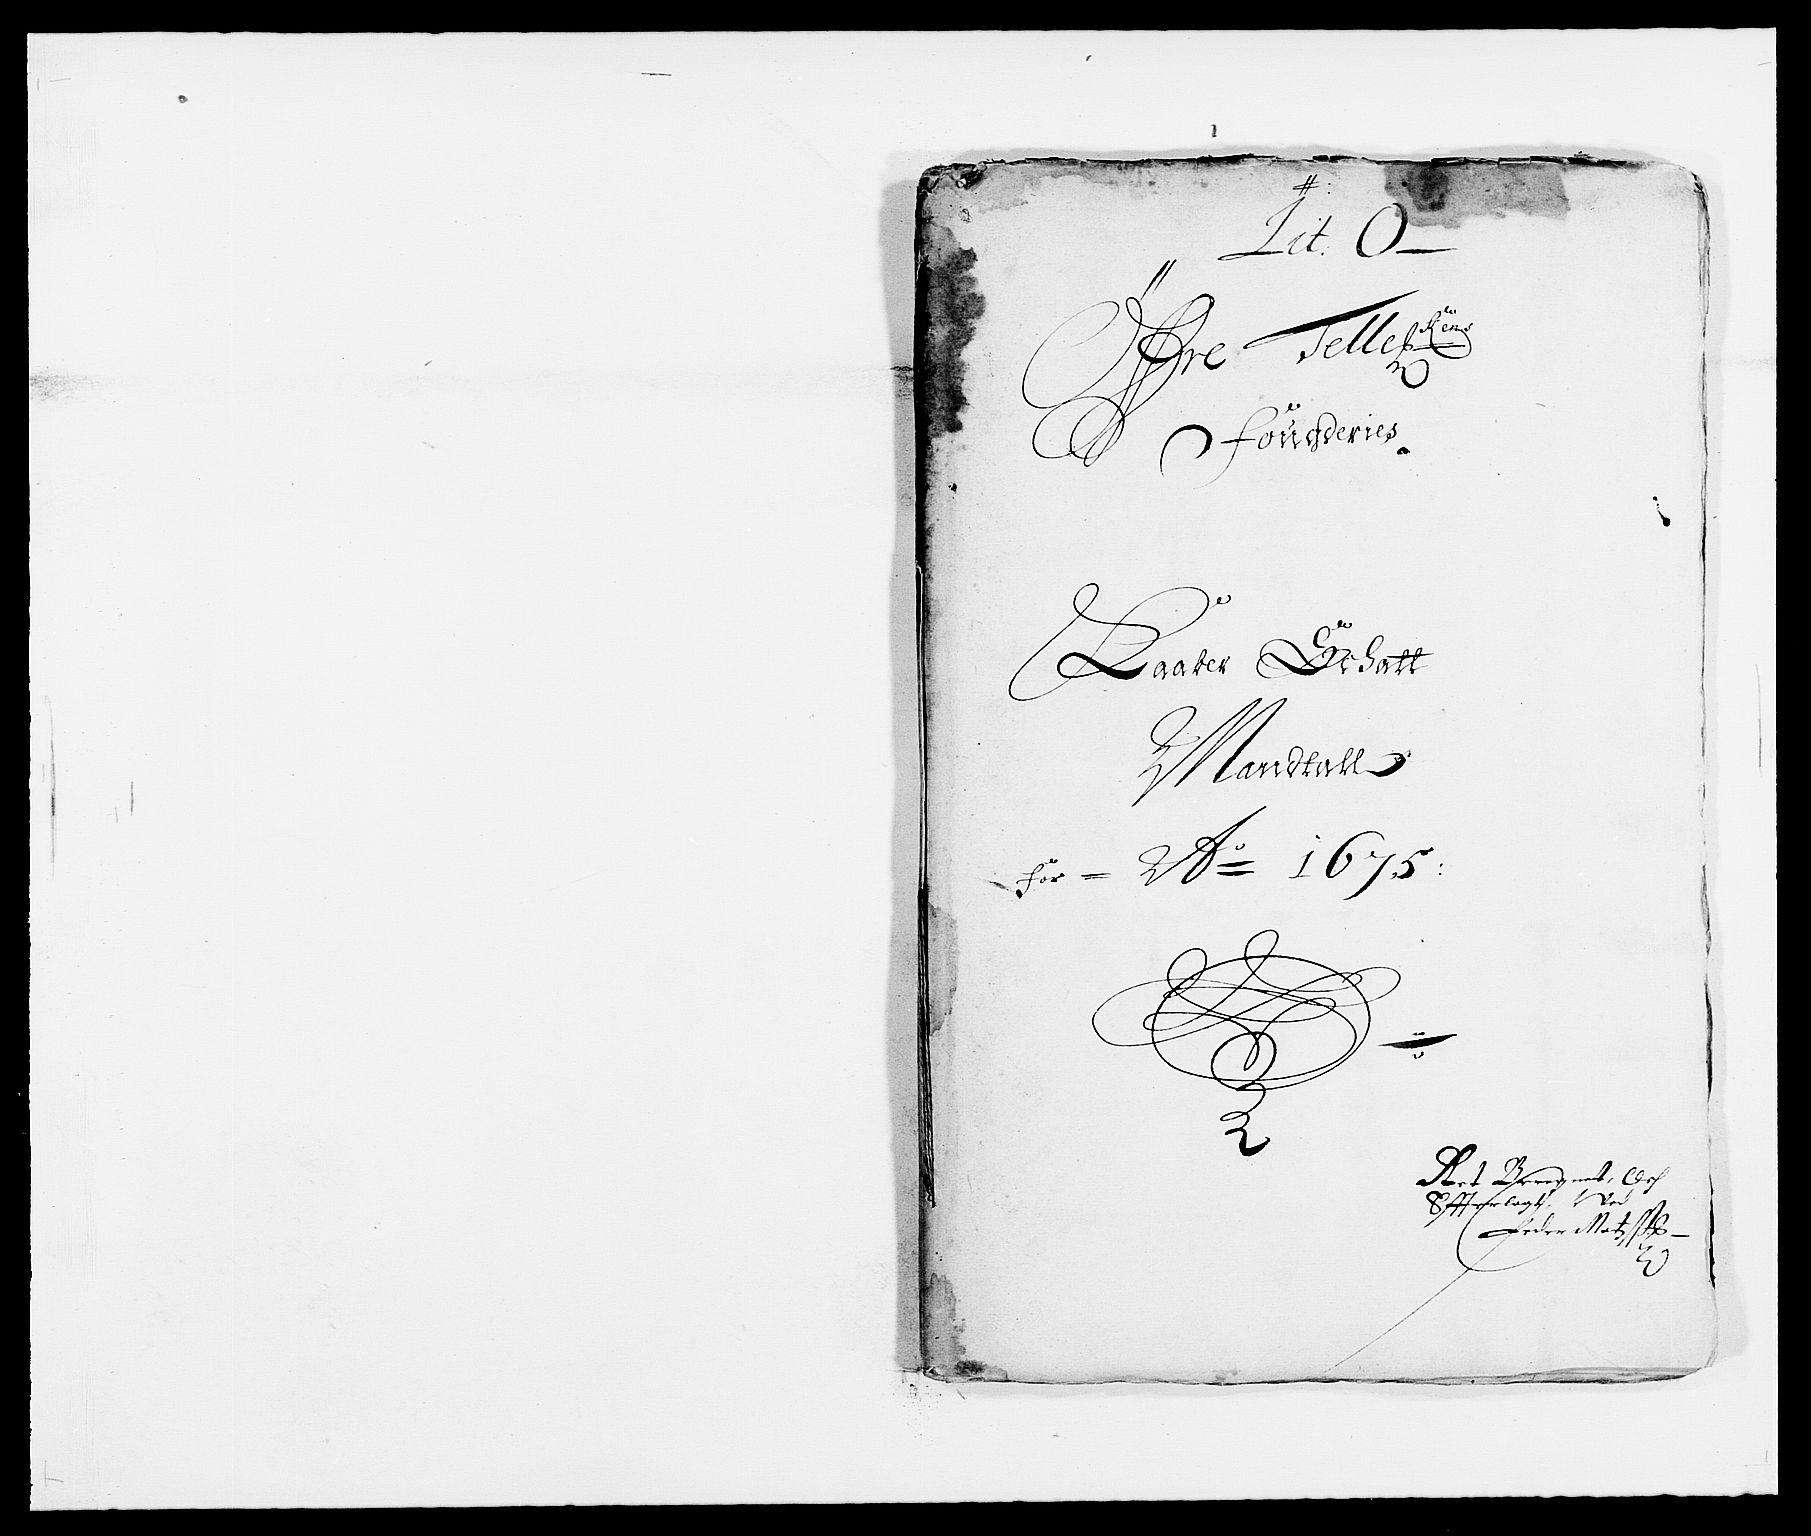 RA, Rentekammeret inntil 1814, Reviderte regnskaper, Fogderegnskap, R35/L2064: Fogderegnskap Øvre og Nedre Telemark, 1675, s. 82